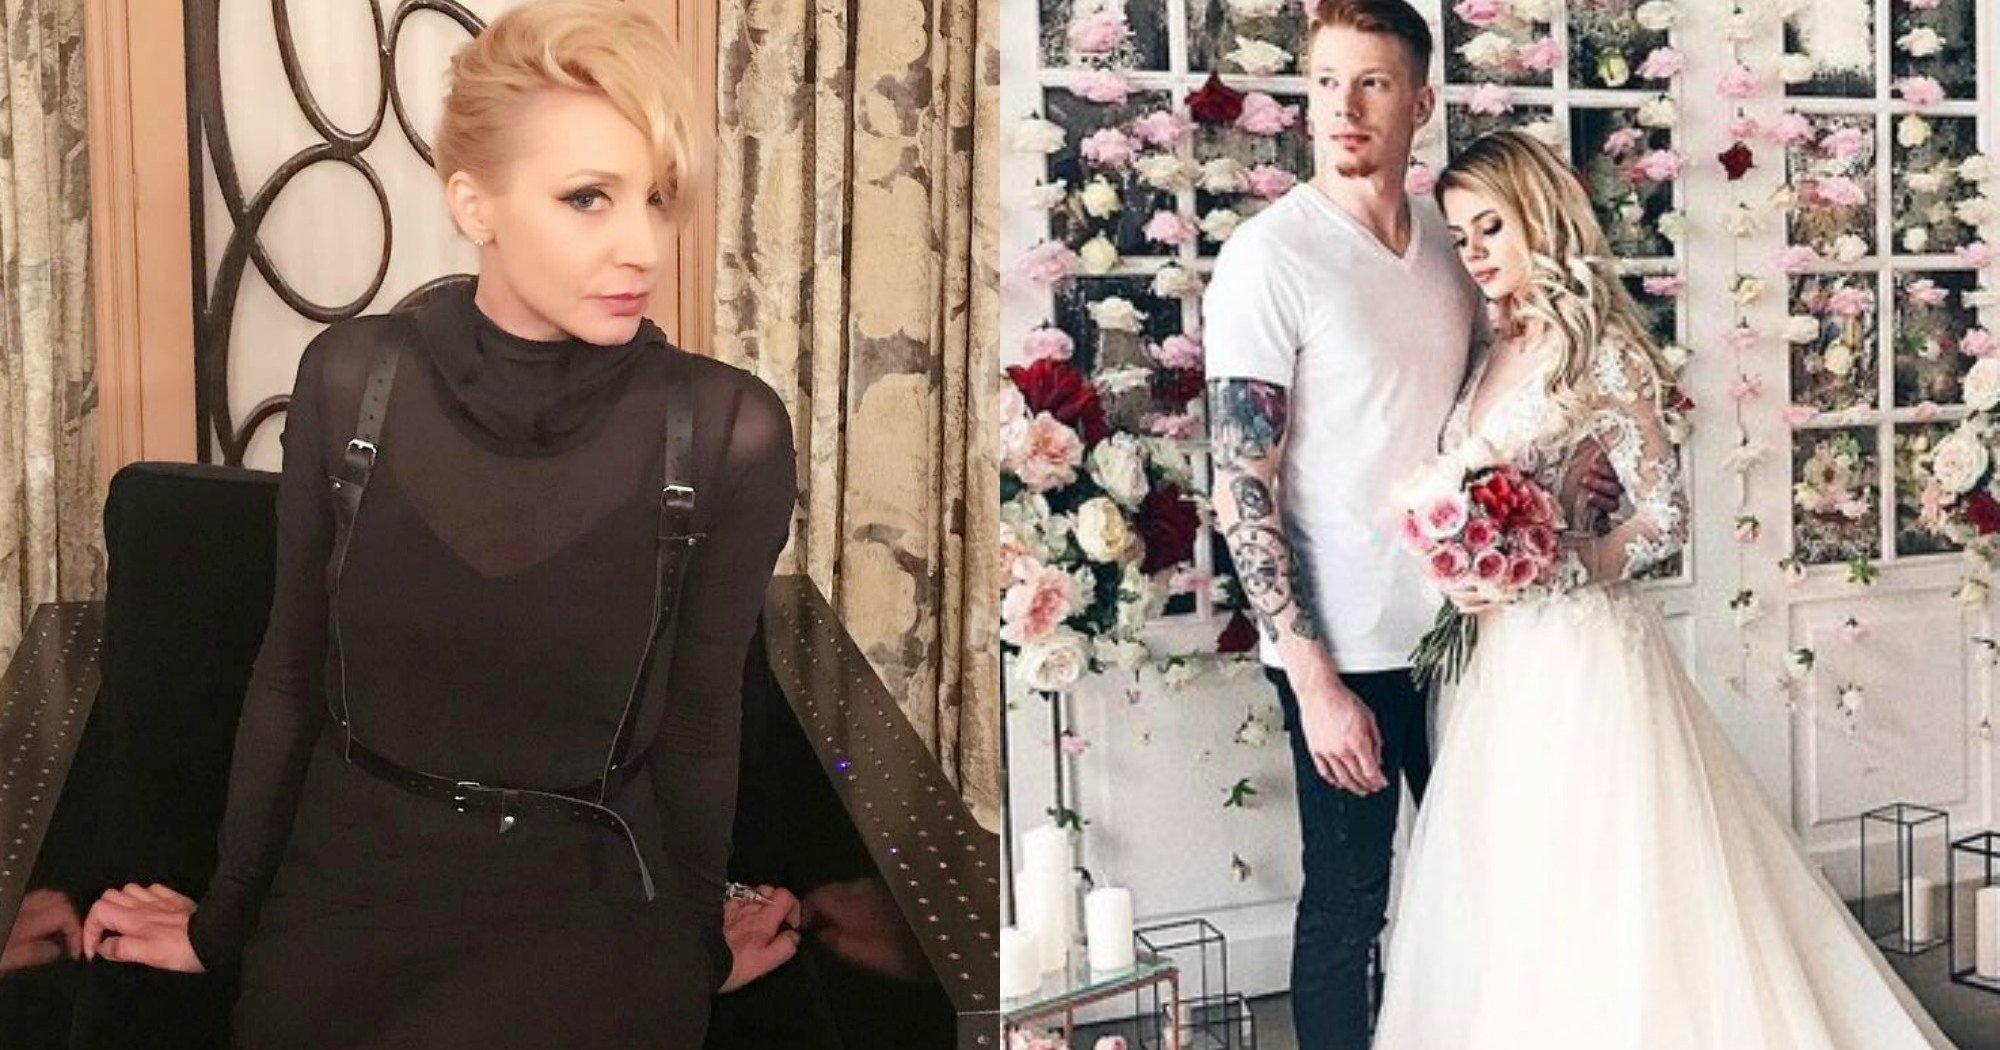 свадьба сына преснякова фото ознакомиться удивительными